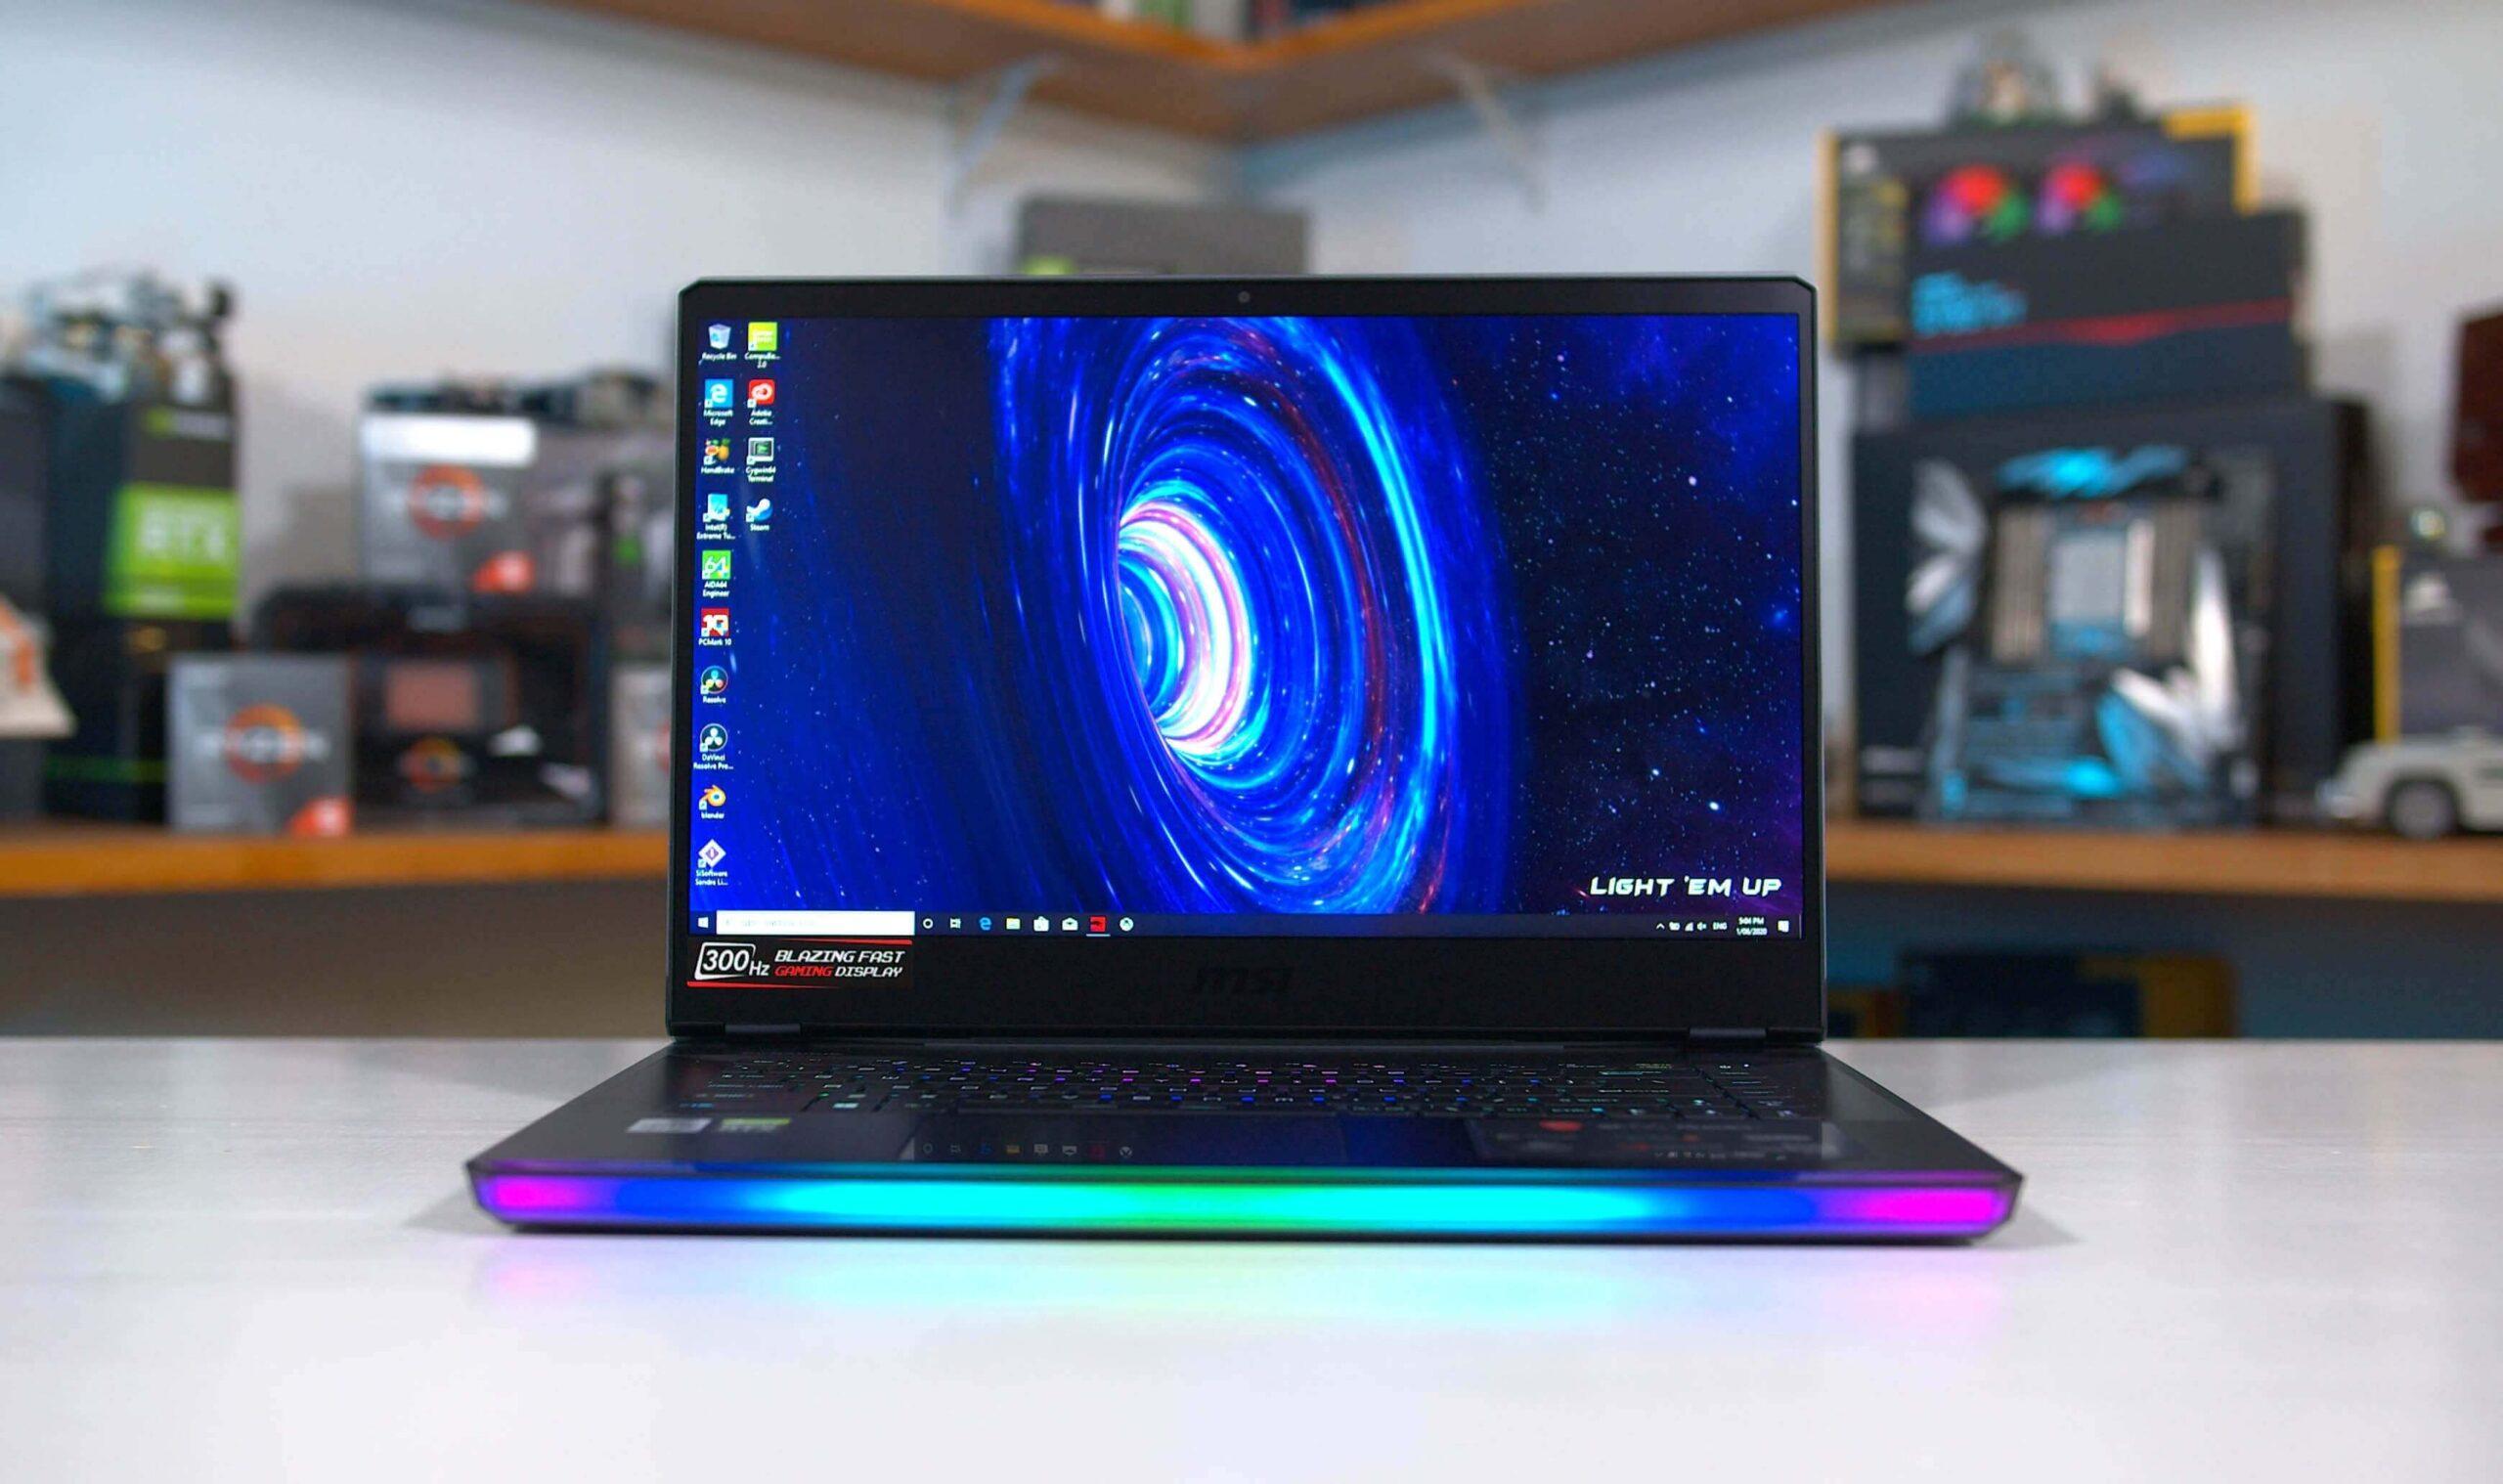 Best Laptop for Last Gen Gaming